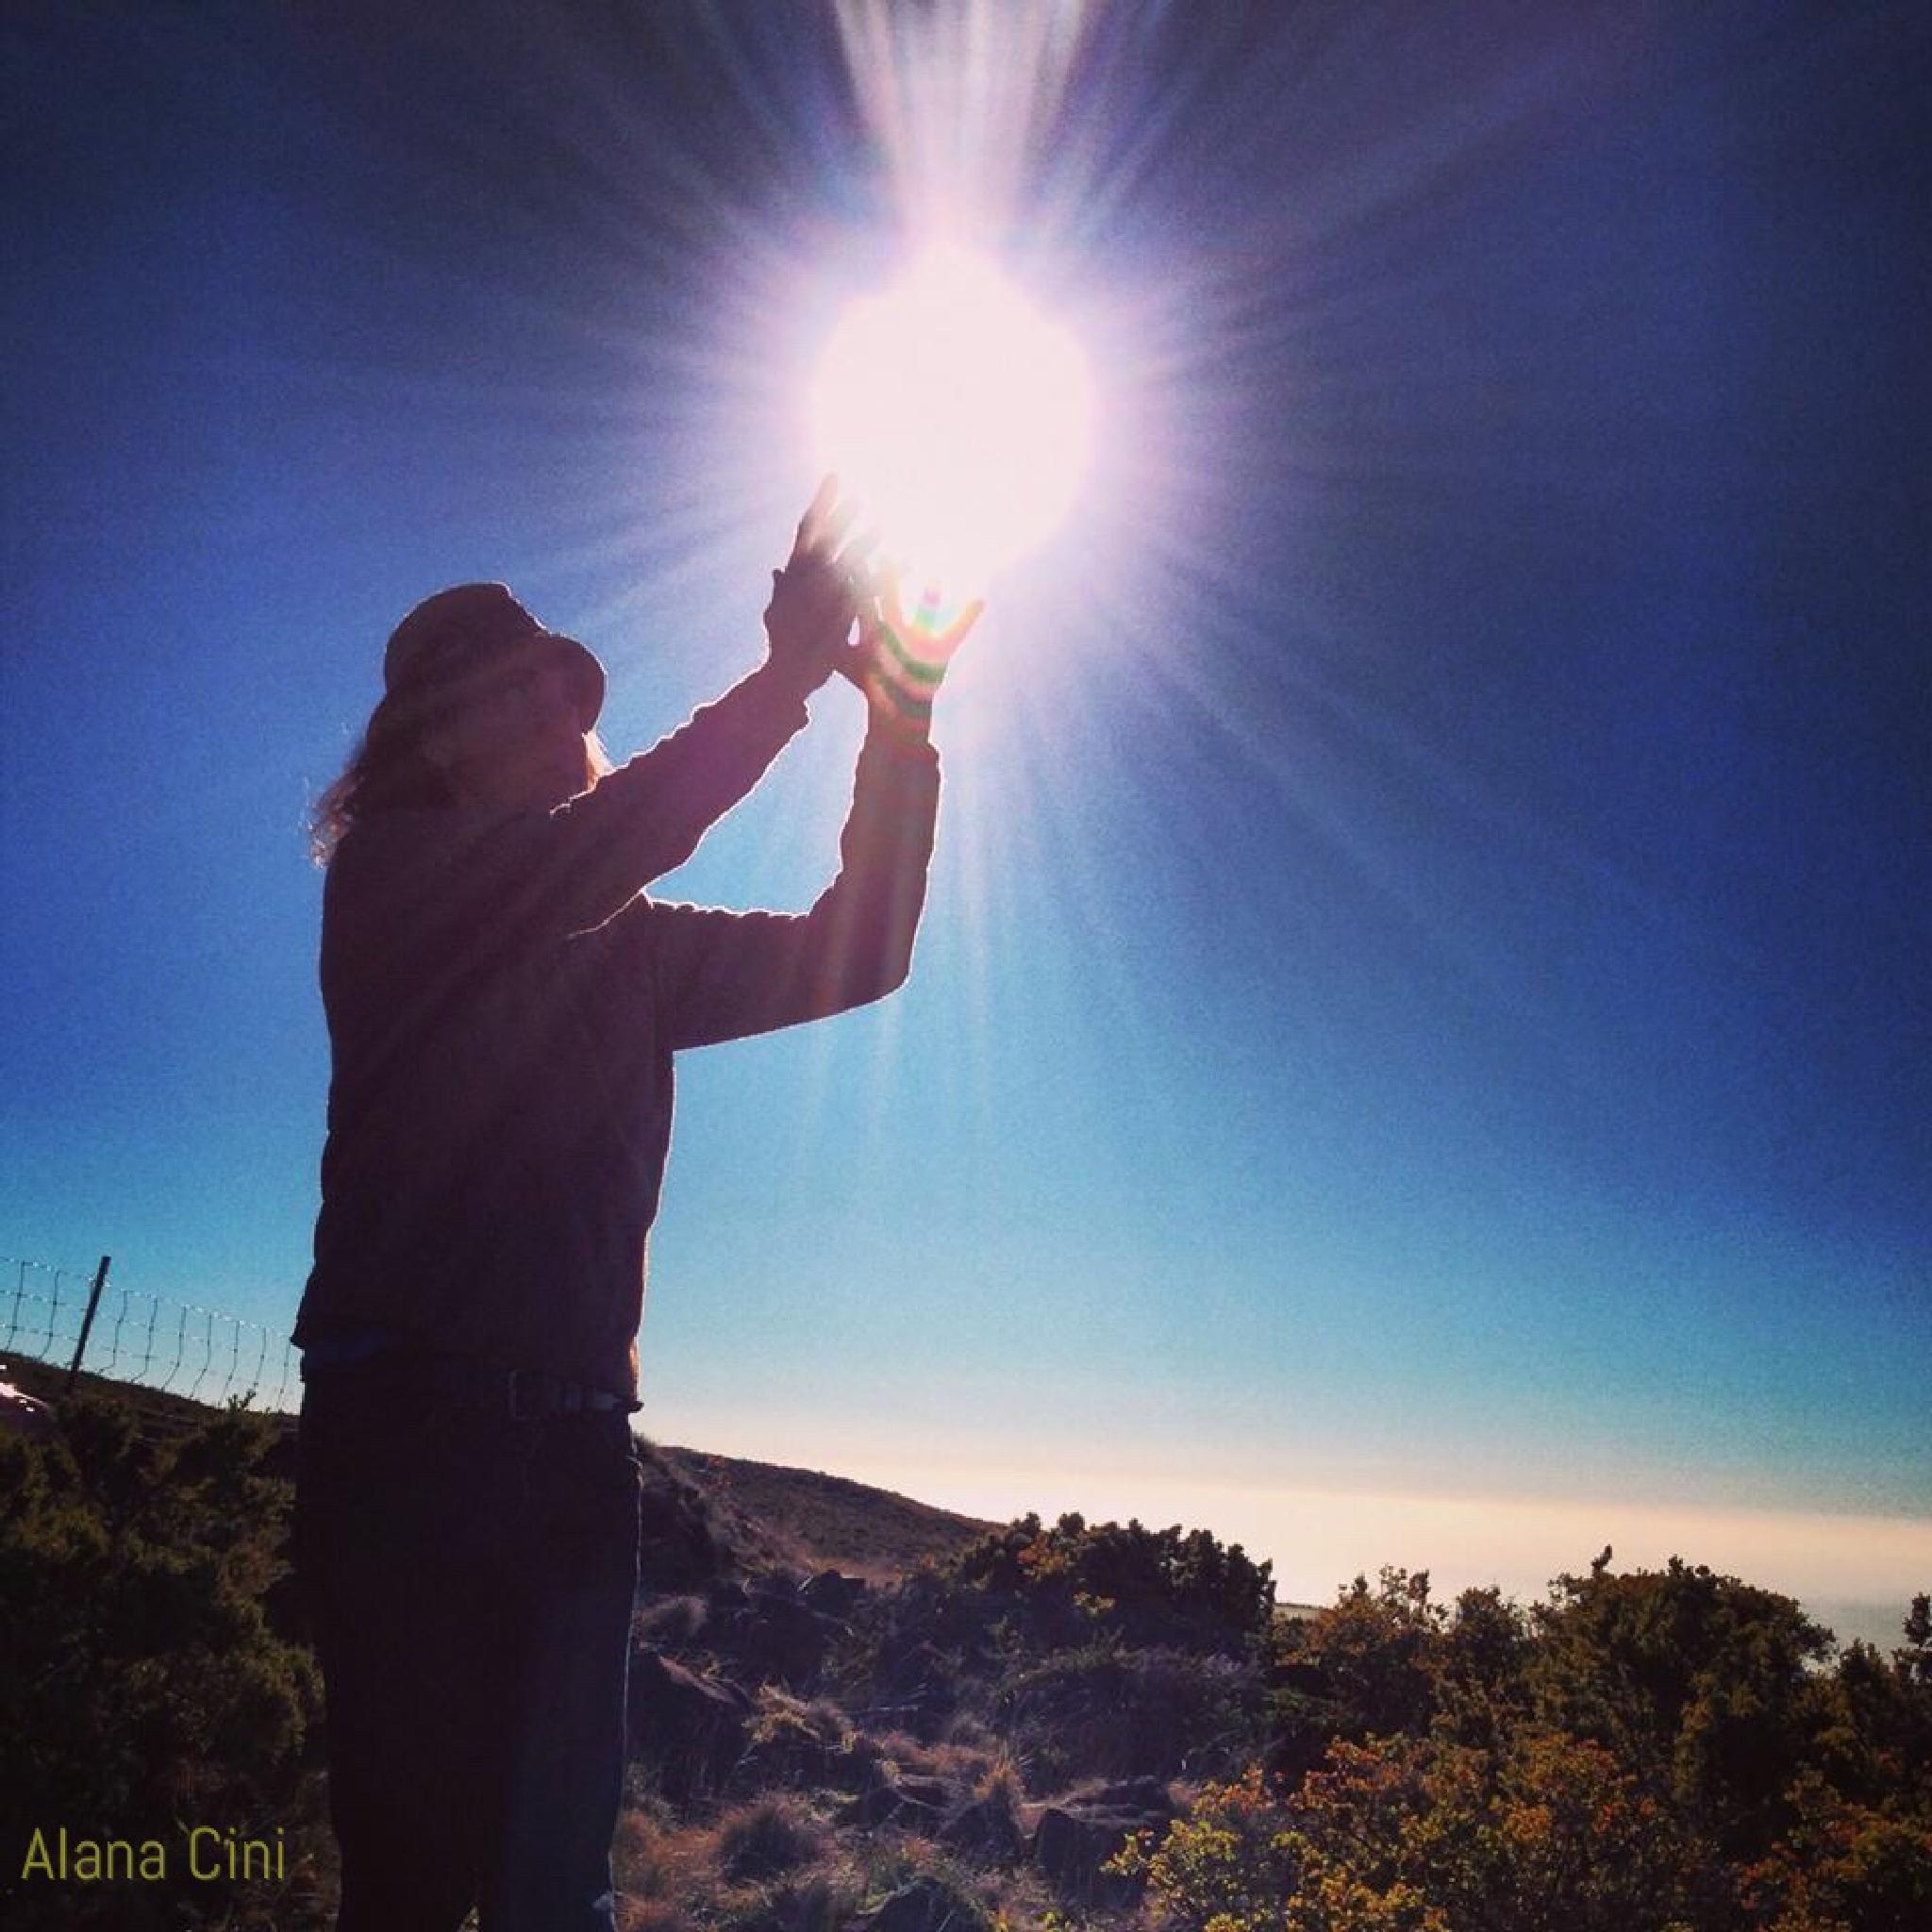 Touch the Sun by alana.cini